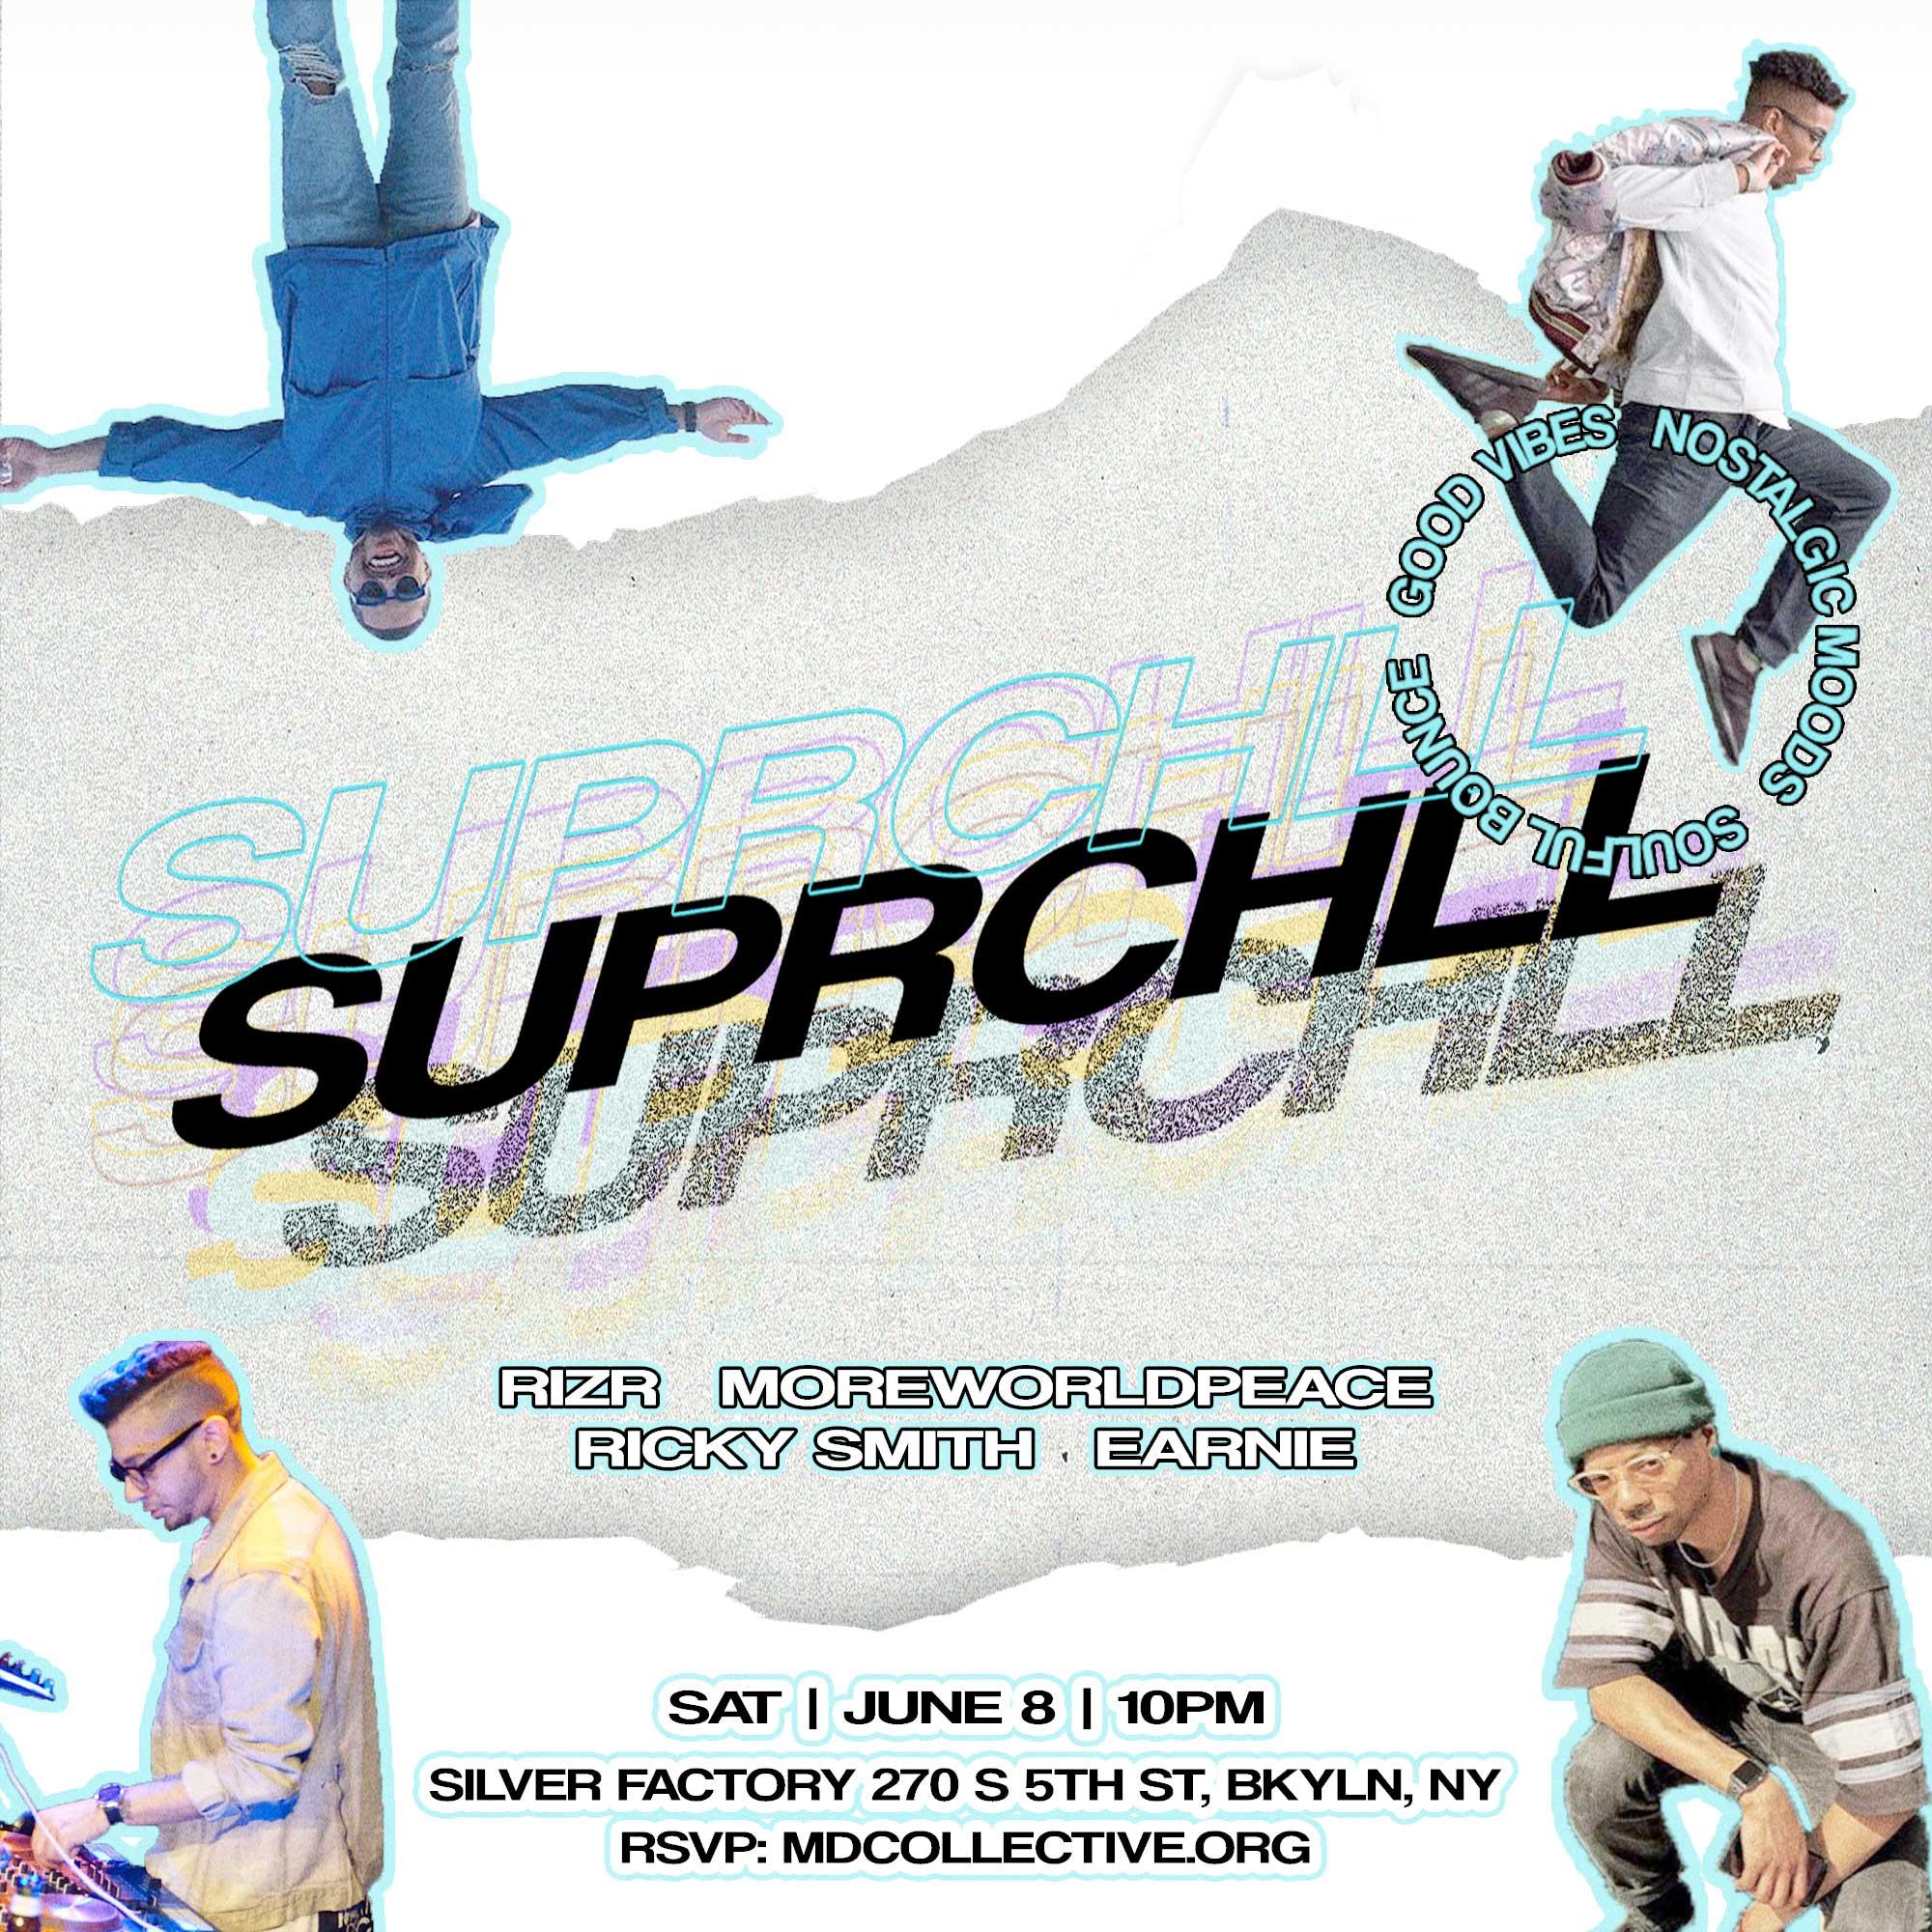 SUPRCHLL-VOL-6-FLYER.jpg